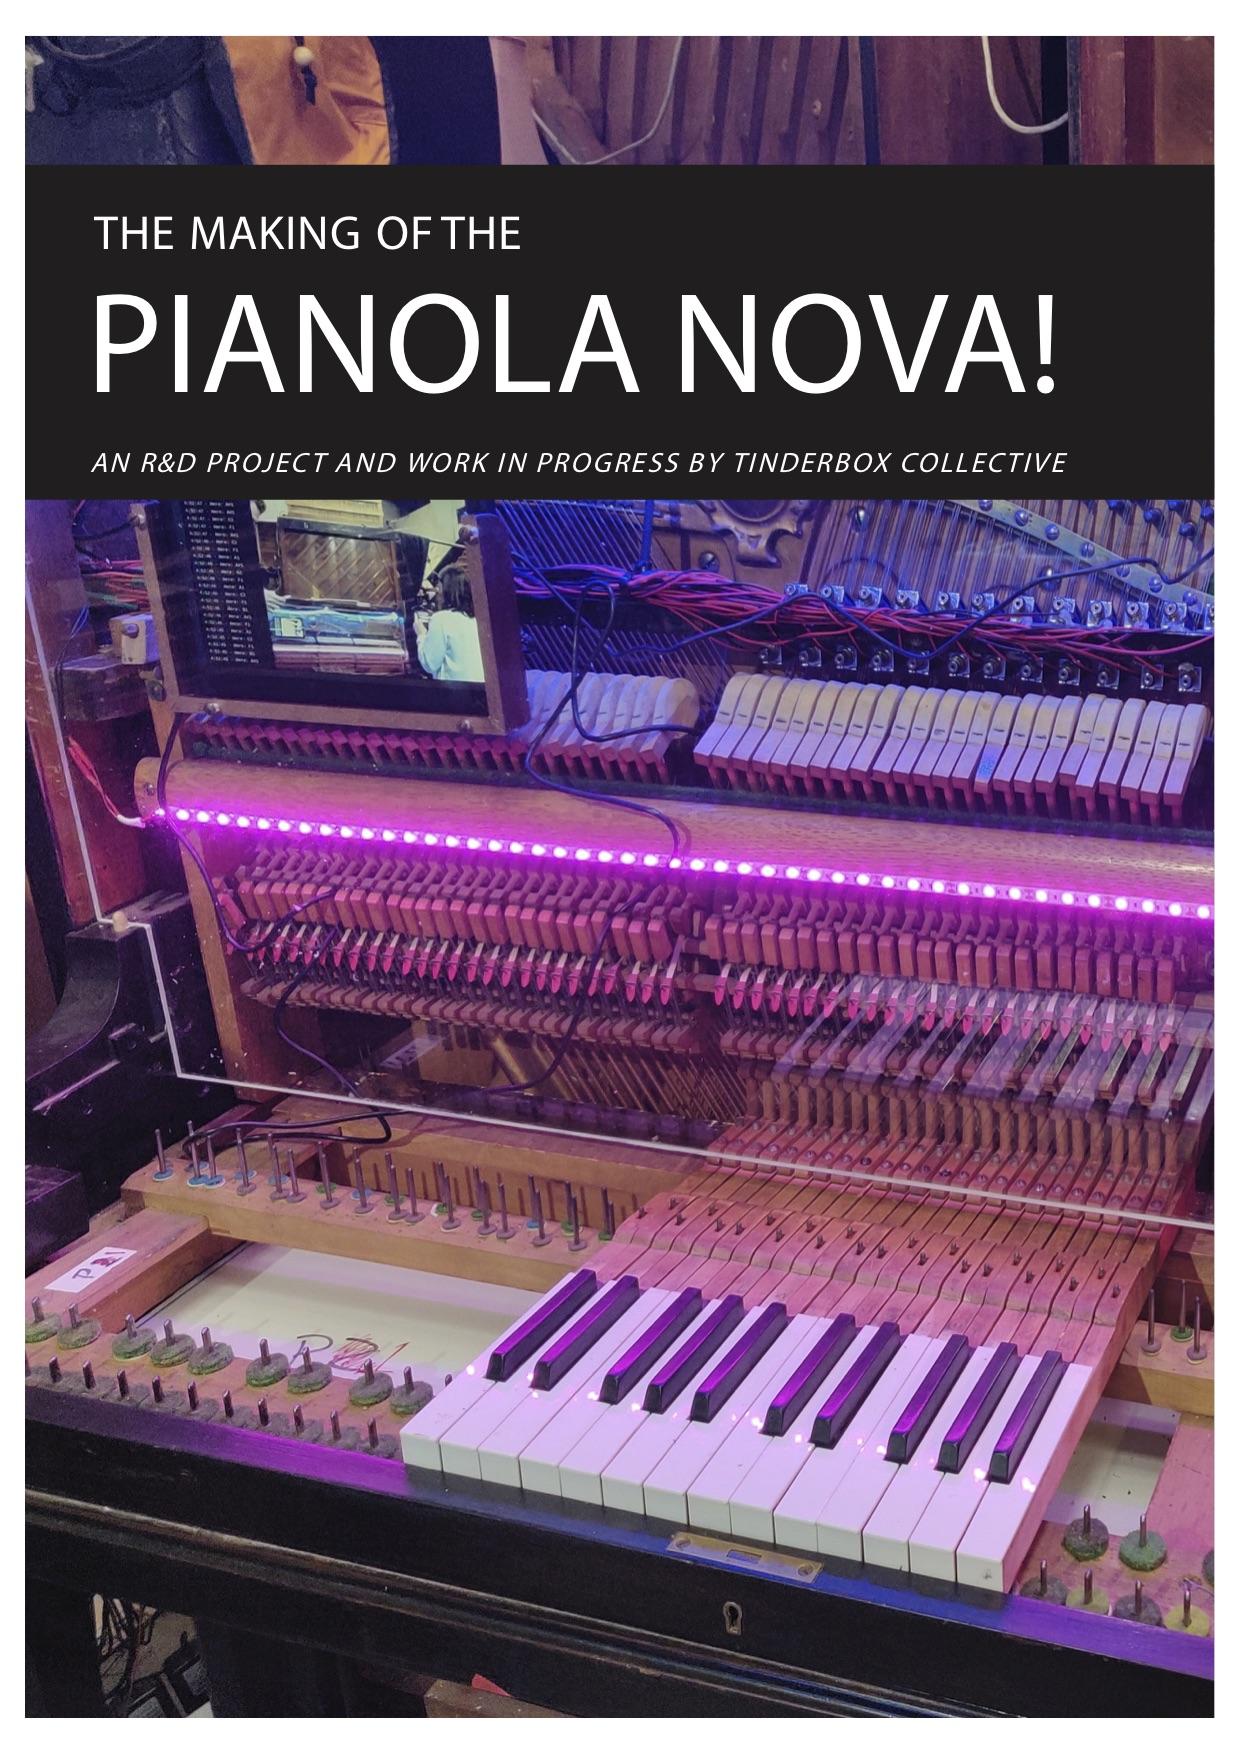 PianolaNova front page